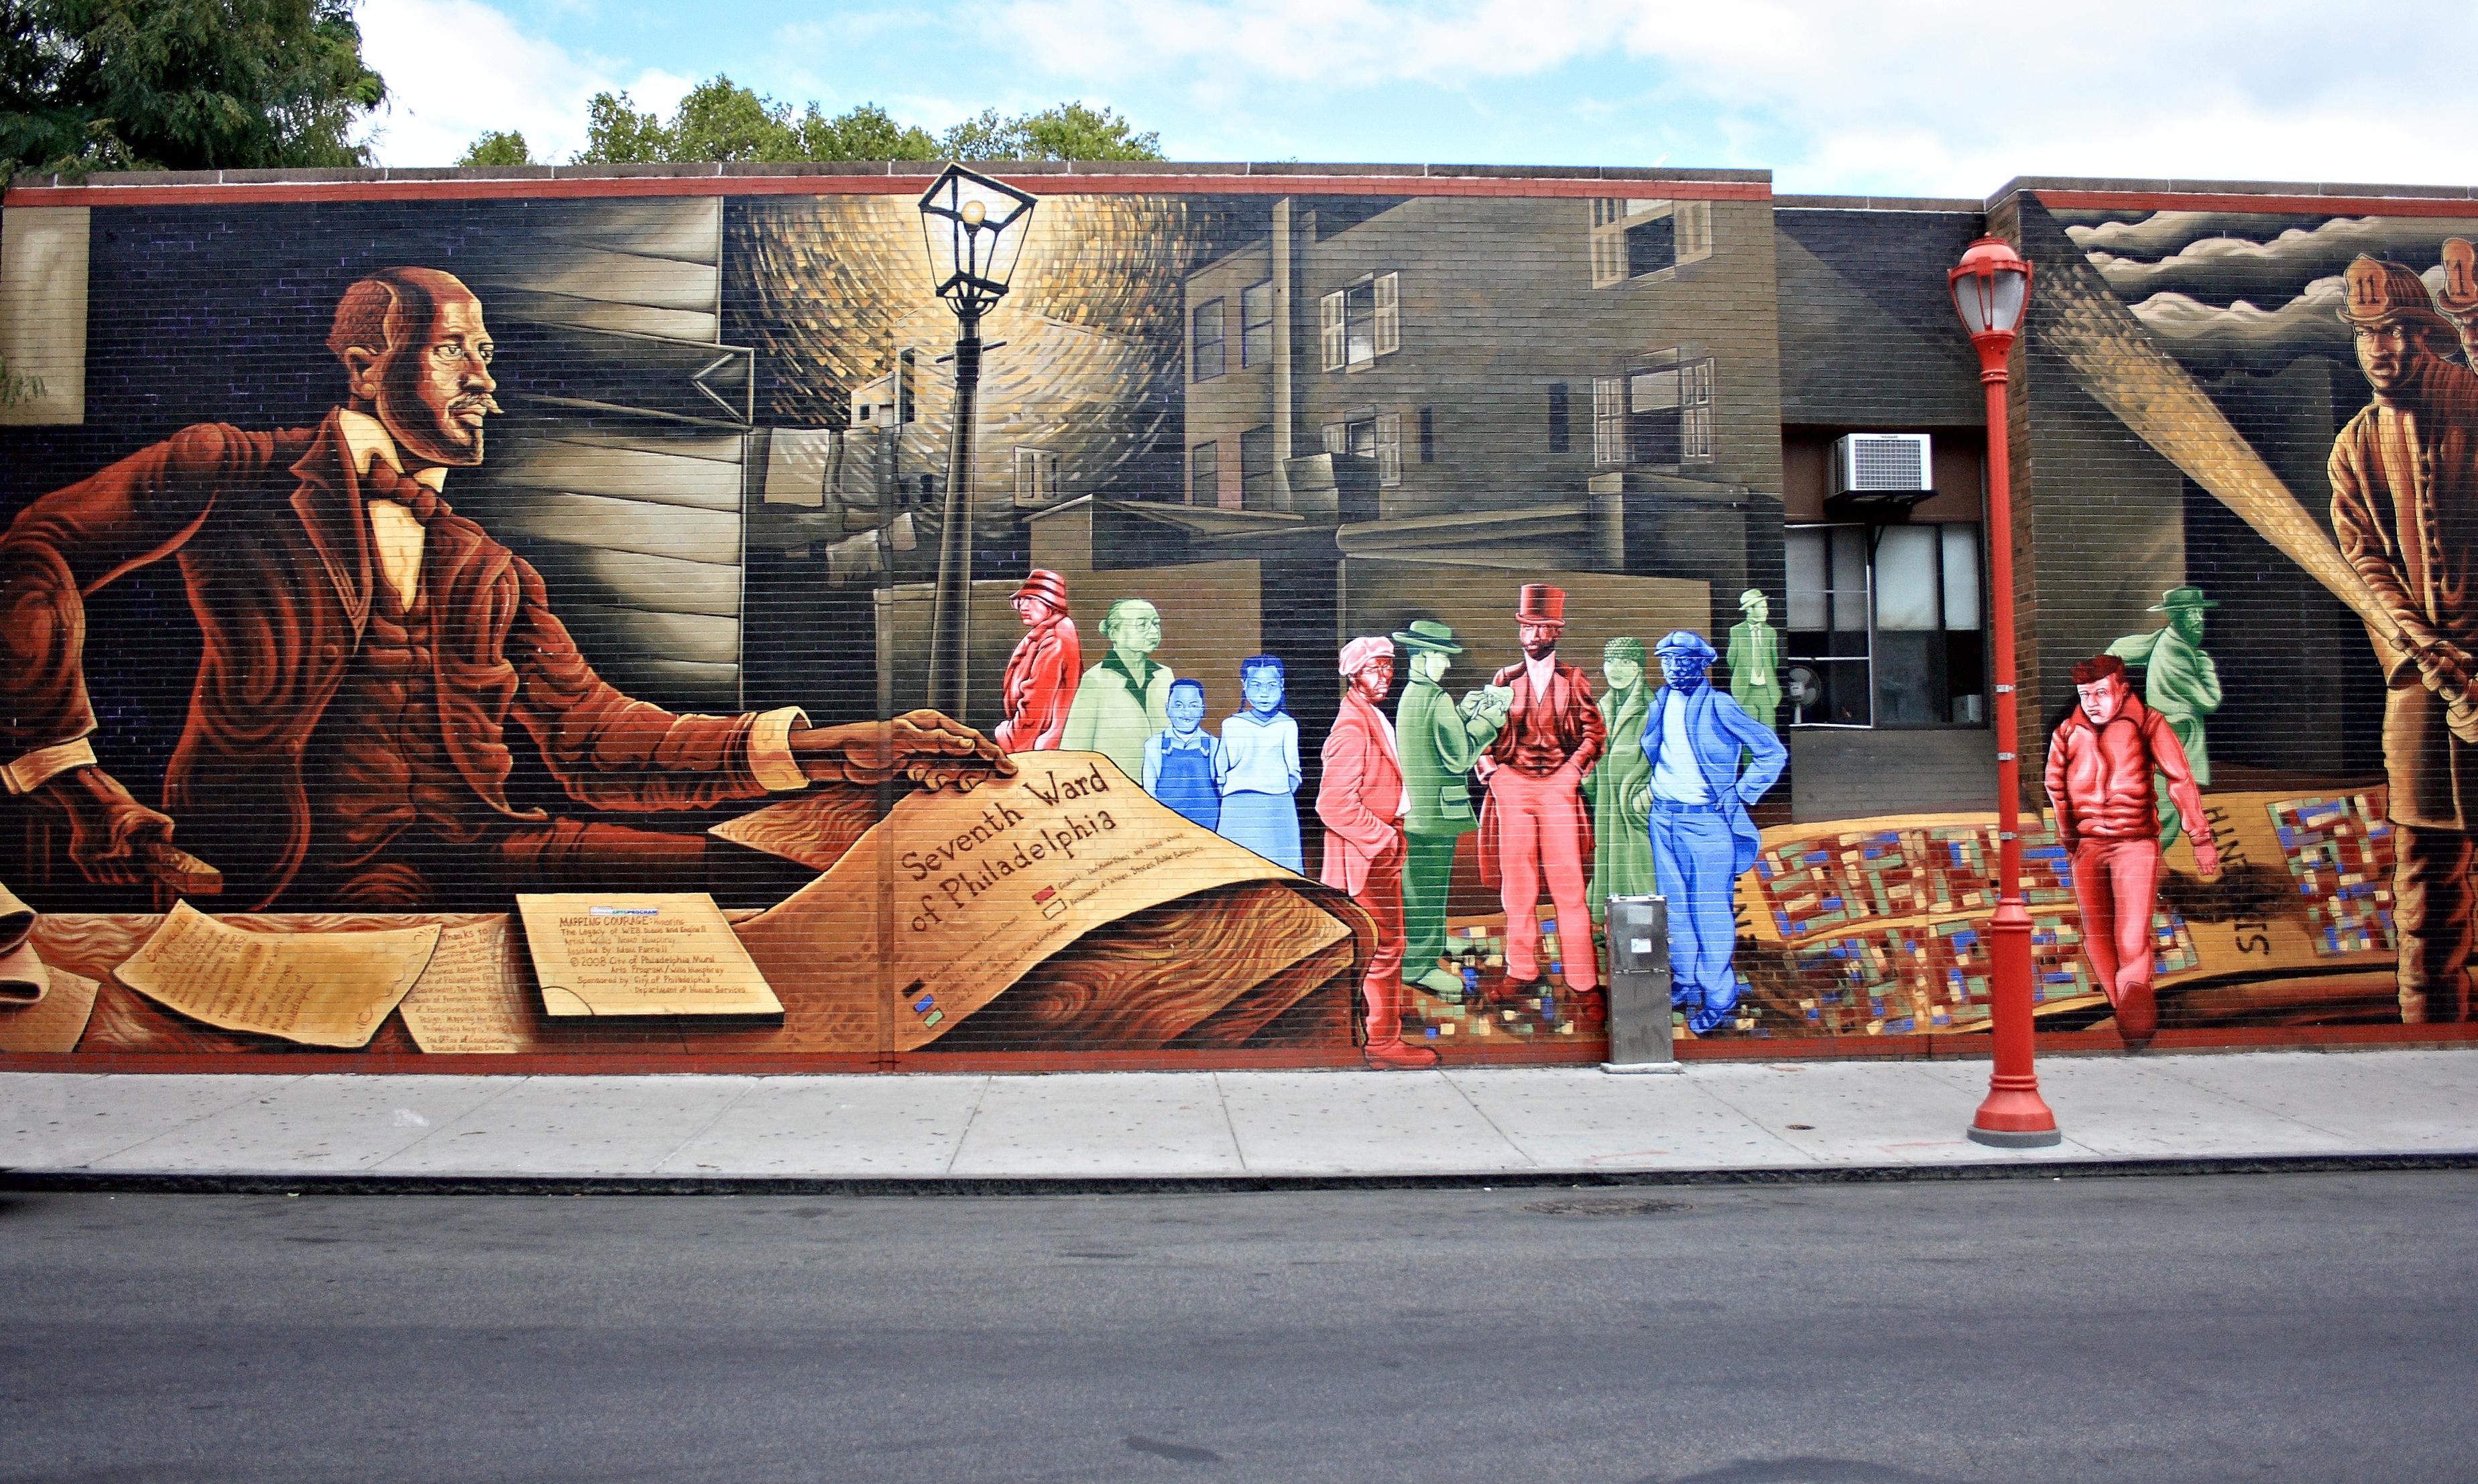 El arte callejero de Philadelphia - Estados Unidos Gran Viaje Joyas del este y Nueva York